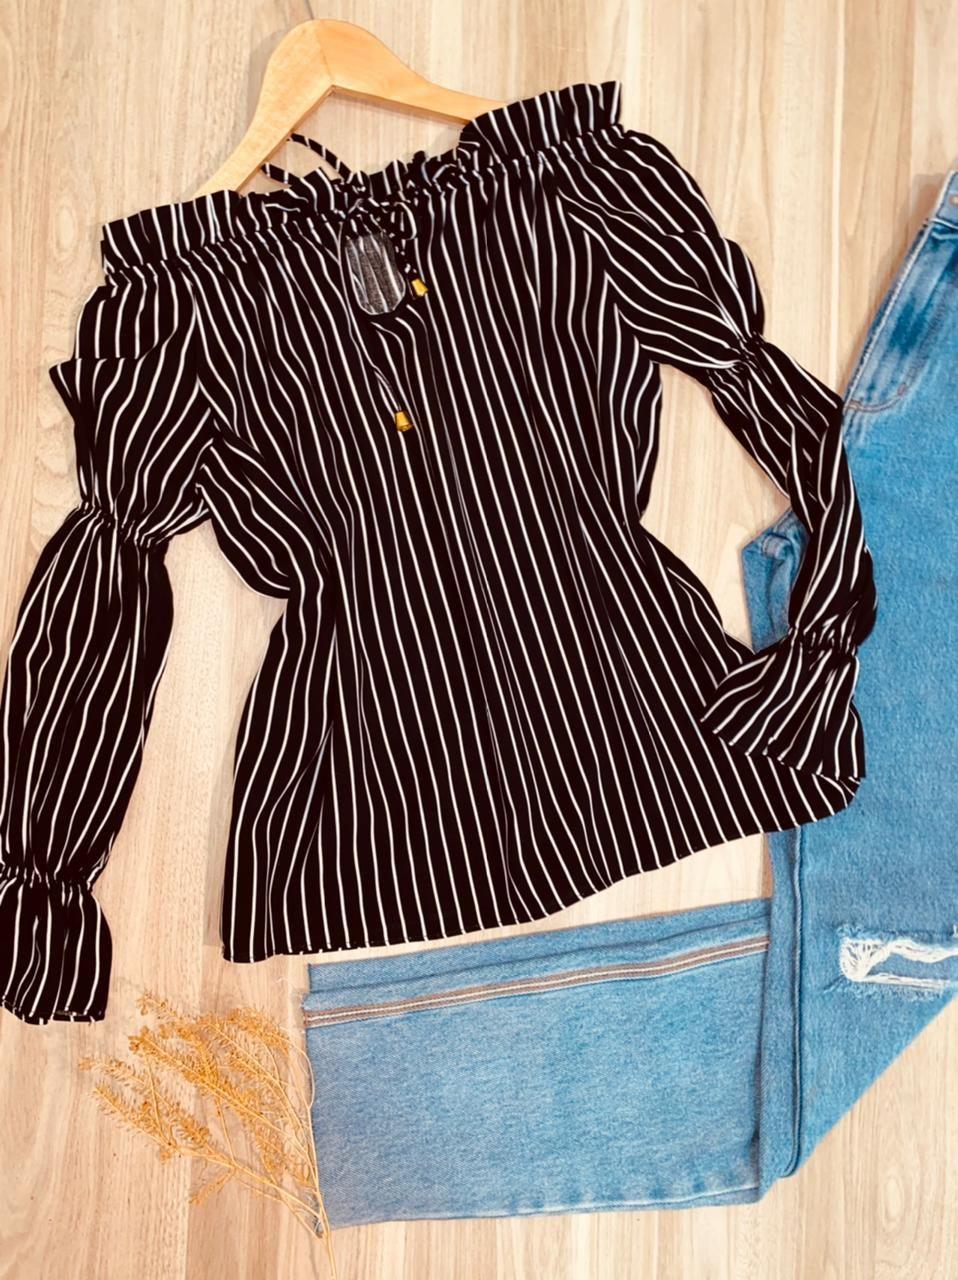 Blusa Ciganinha Manga Longa com Elástico Listras Preto